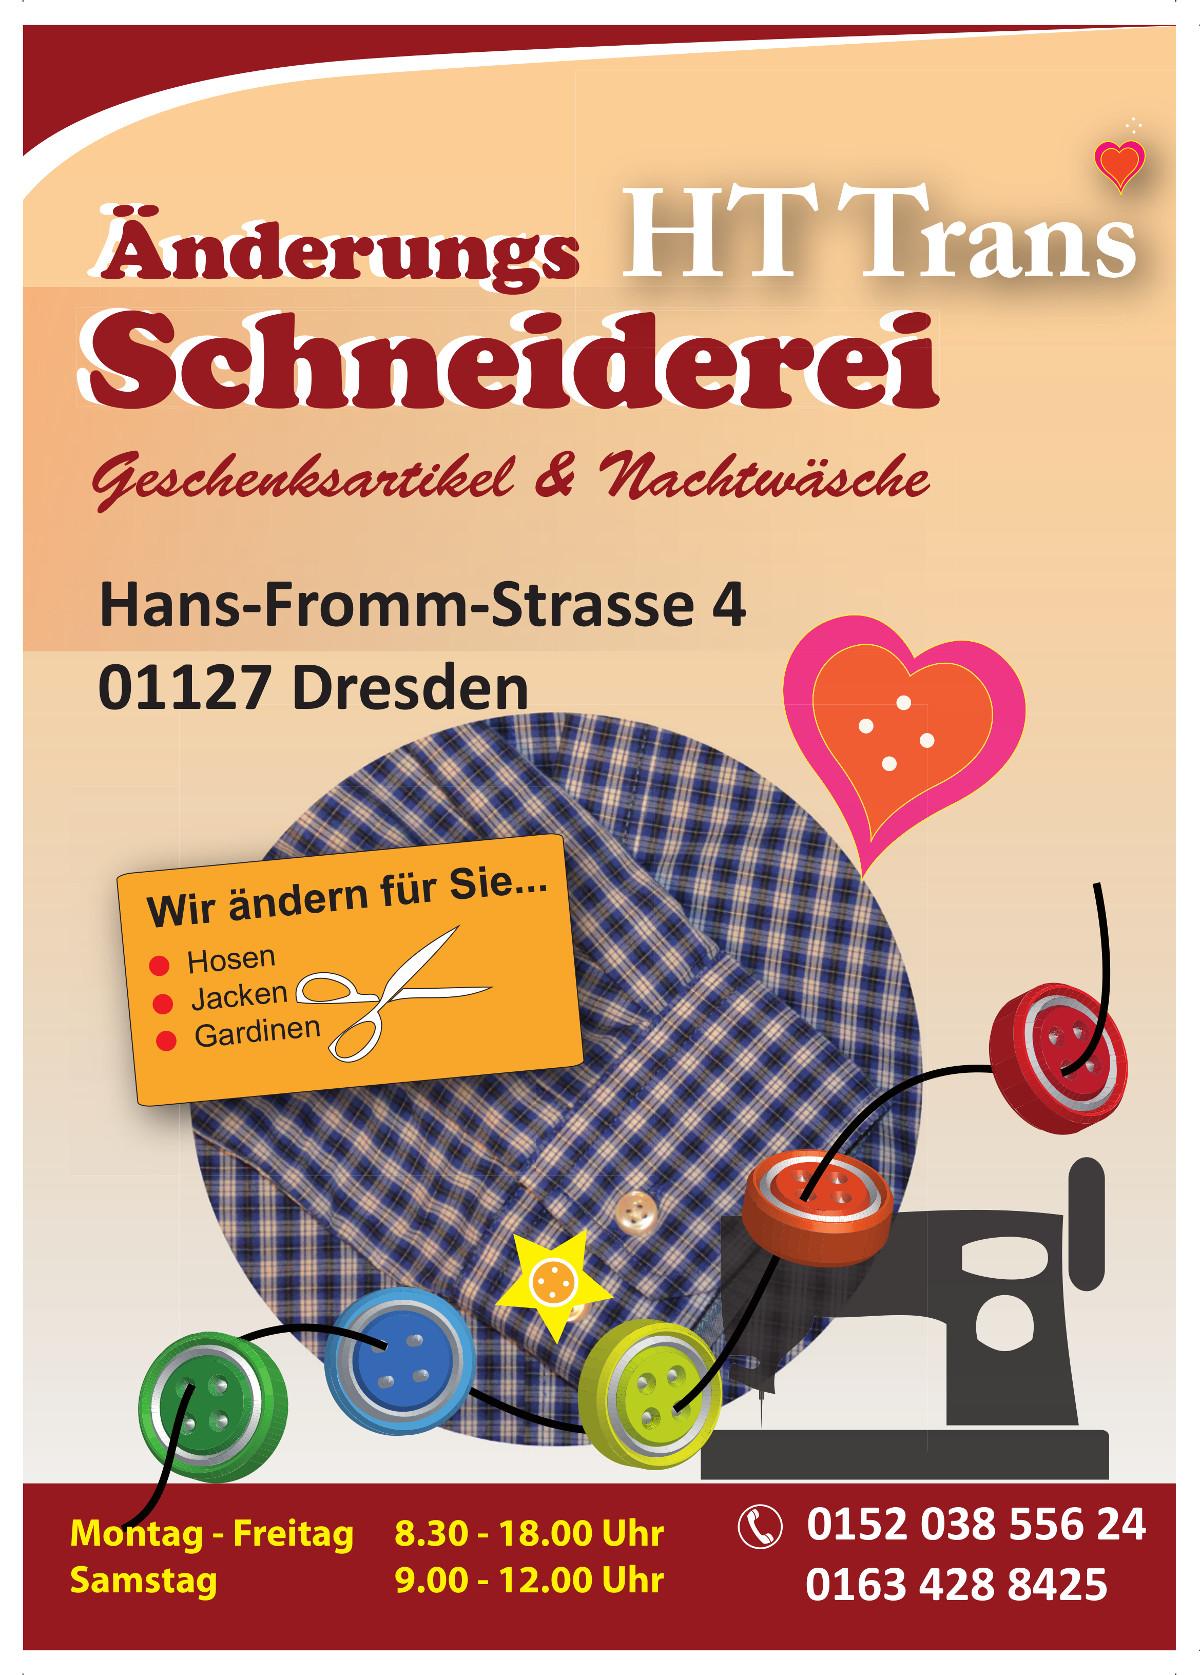 Pham Schneiderei Flyer